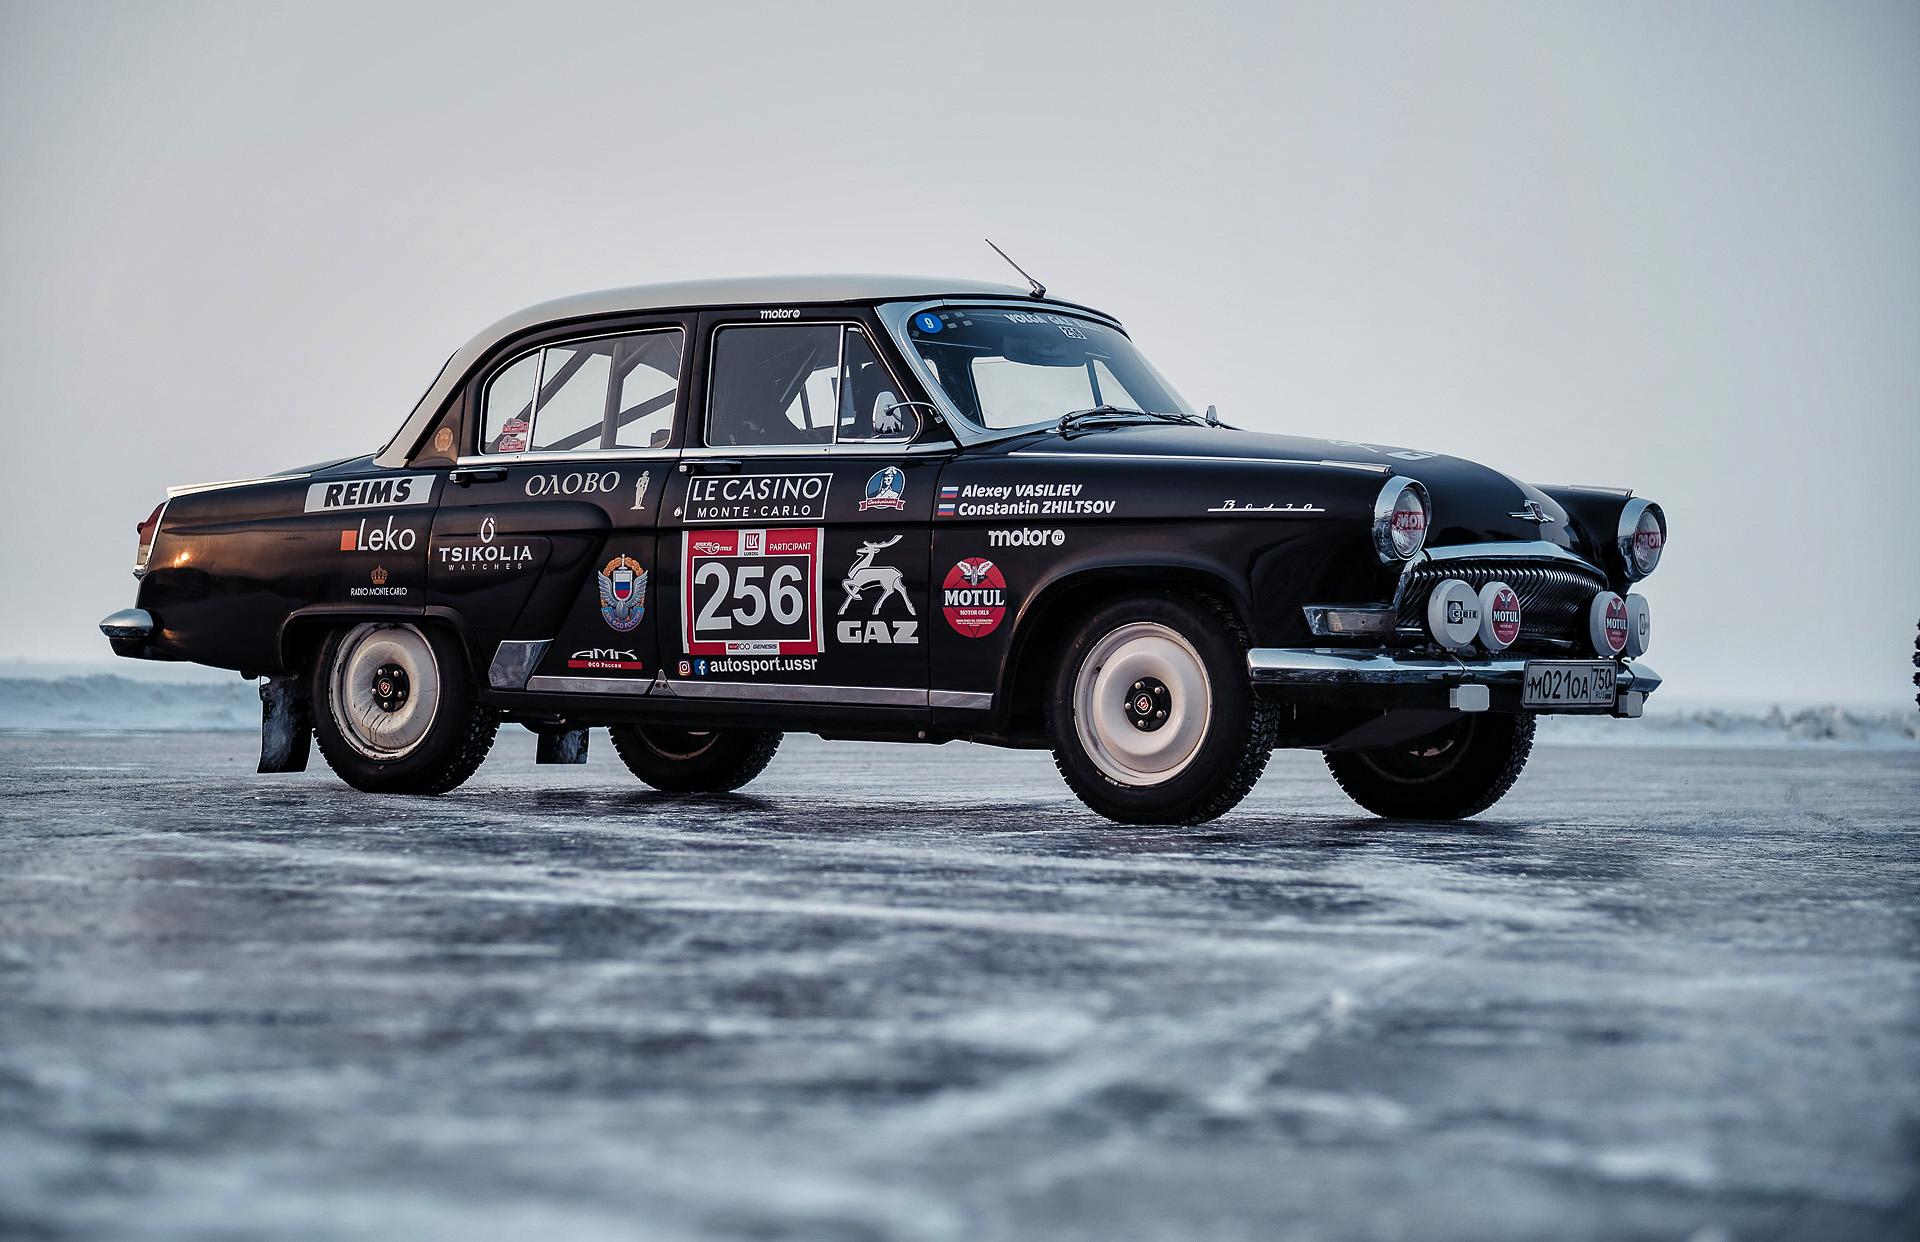 Байкальская Миля 2020 - Волга ГАЗ21 Motul